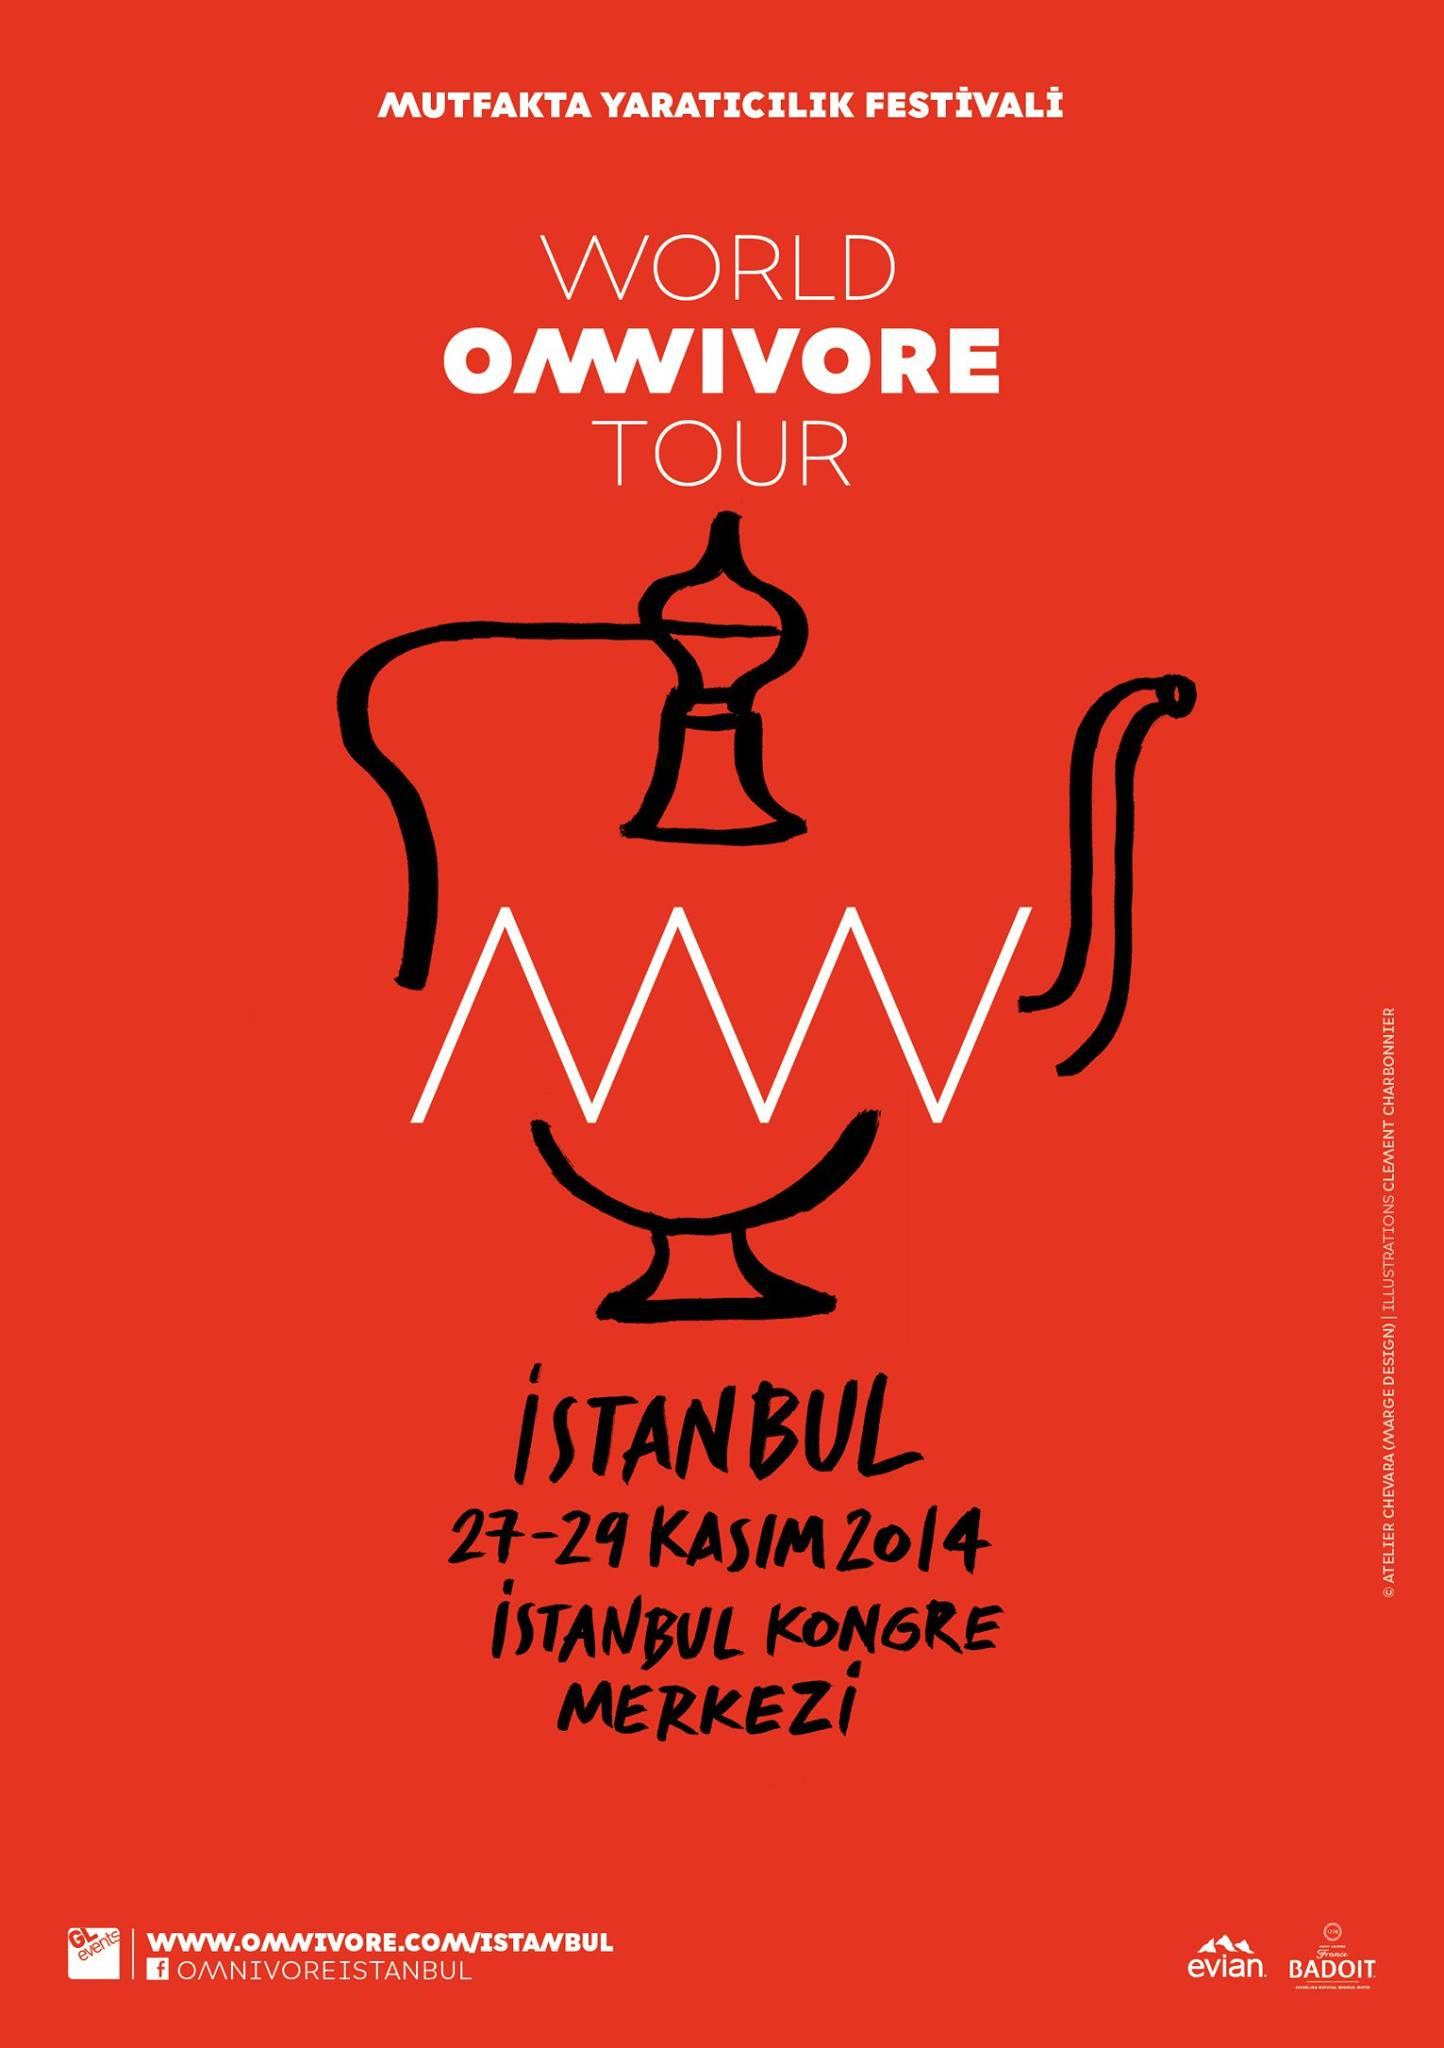 fb.com/OmnivoreIstanbul - Omnivore Mutfakta Yaratıcılık Festivali